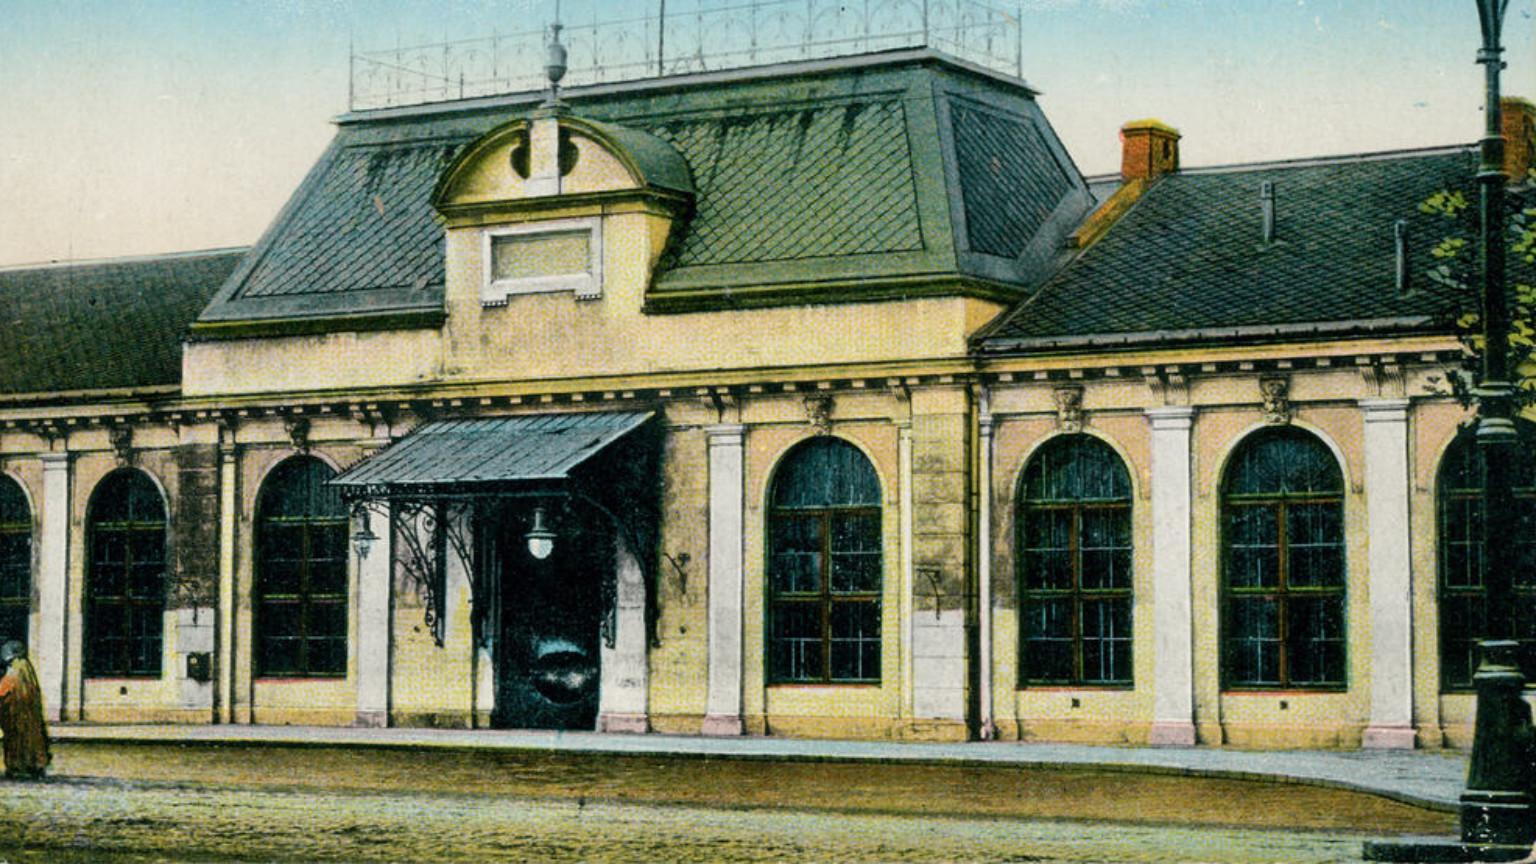 Zdjęcie dla kartki: Uruchomienie linii kolei warszawsko-kaliskiej